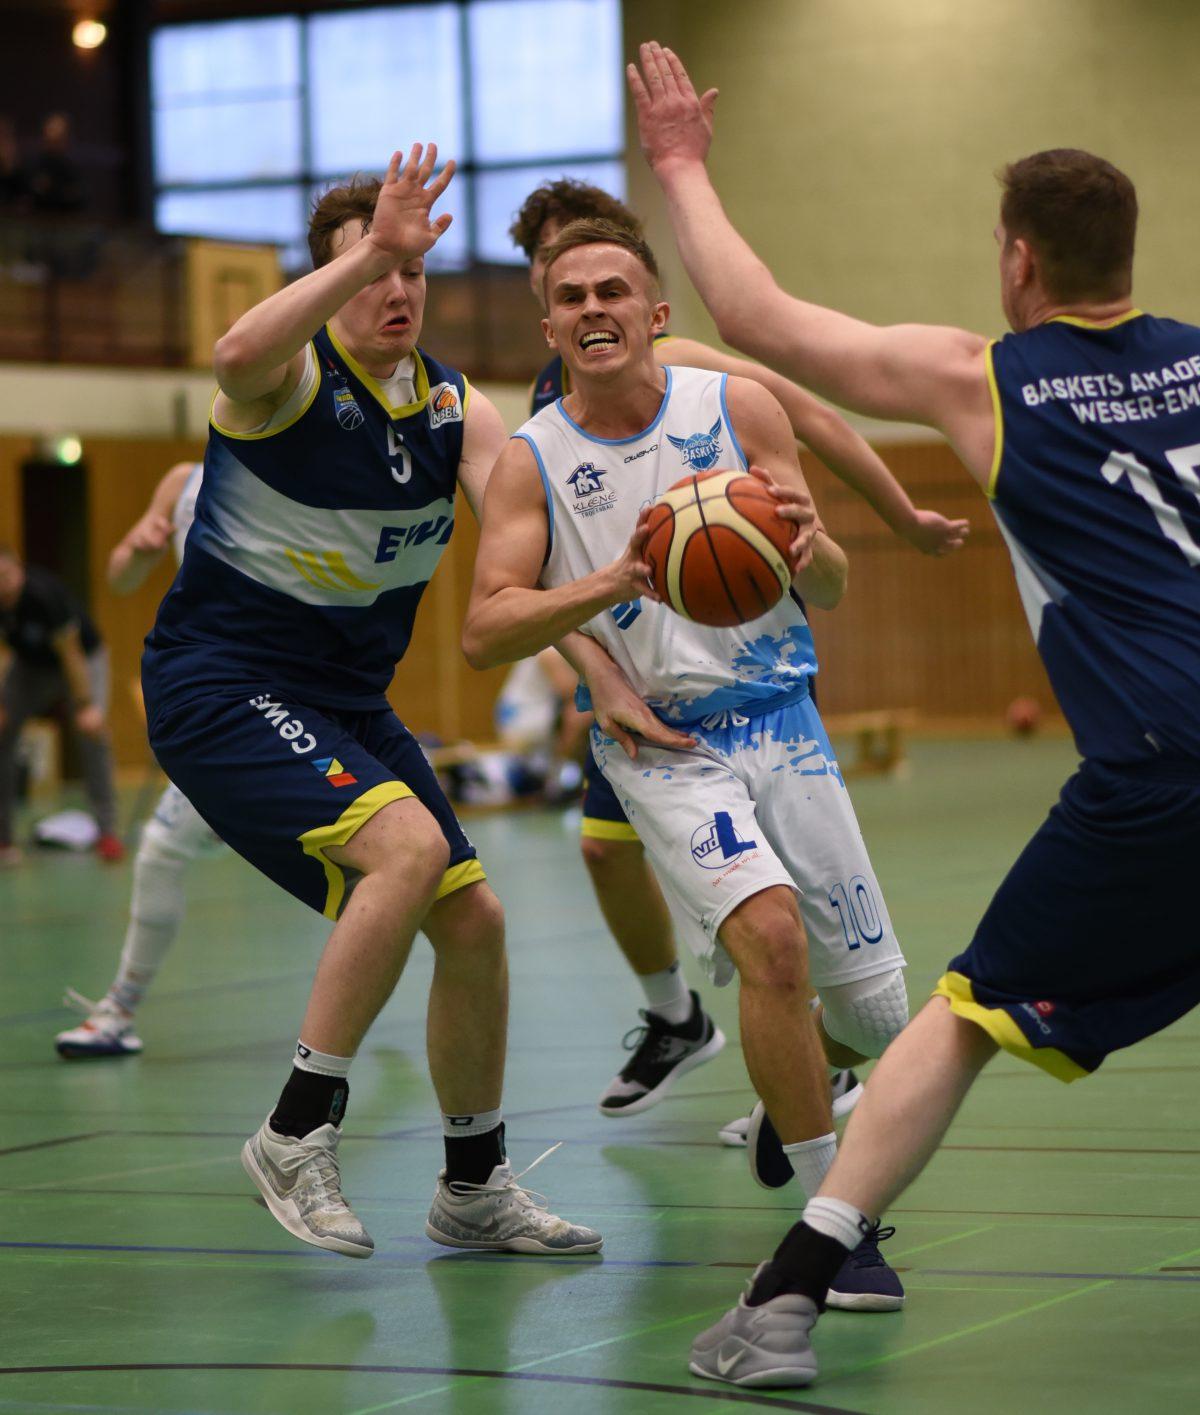 73:69 – S.O. Medien Baskets verabschieden sich mit Sieg aus der Saison